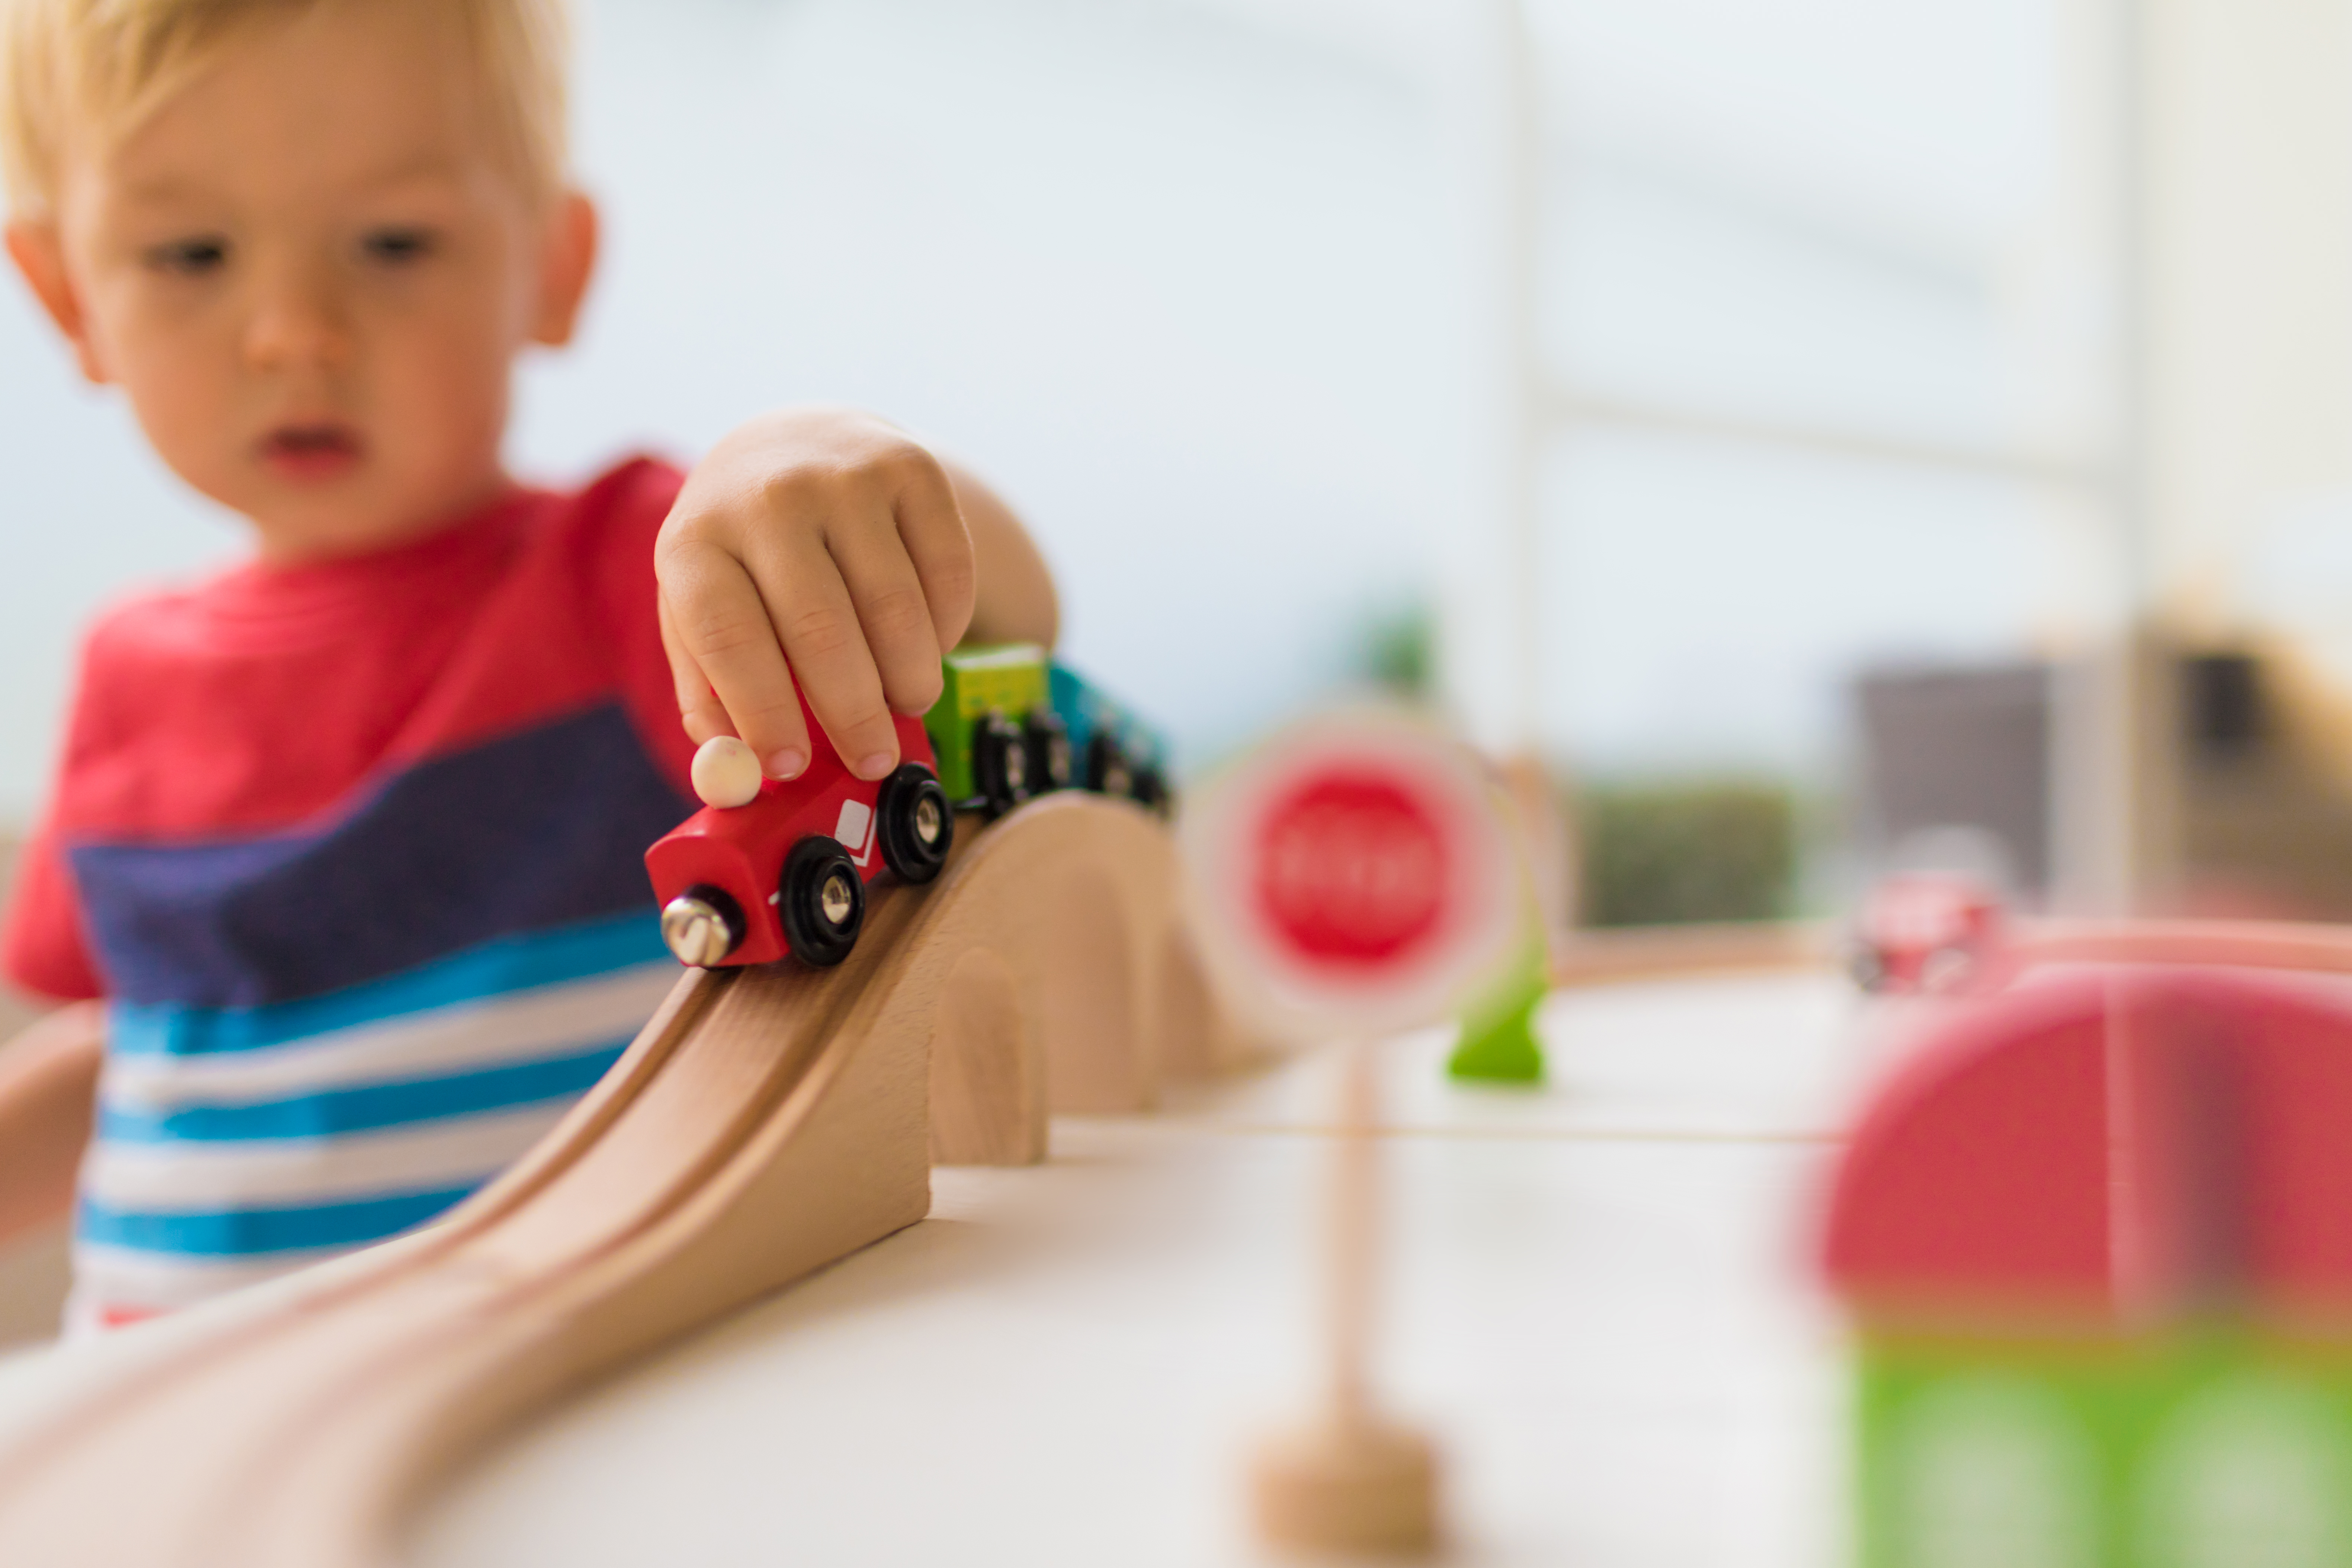 Covid-19 : aperçu des mesures de prévention pour la garde d'enfants